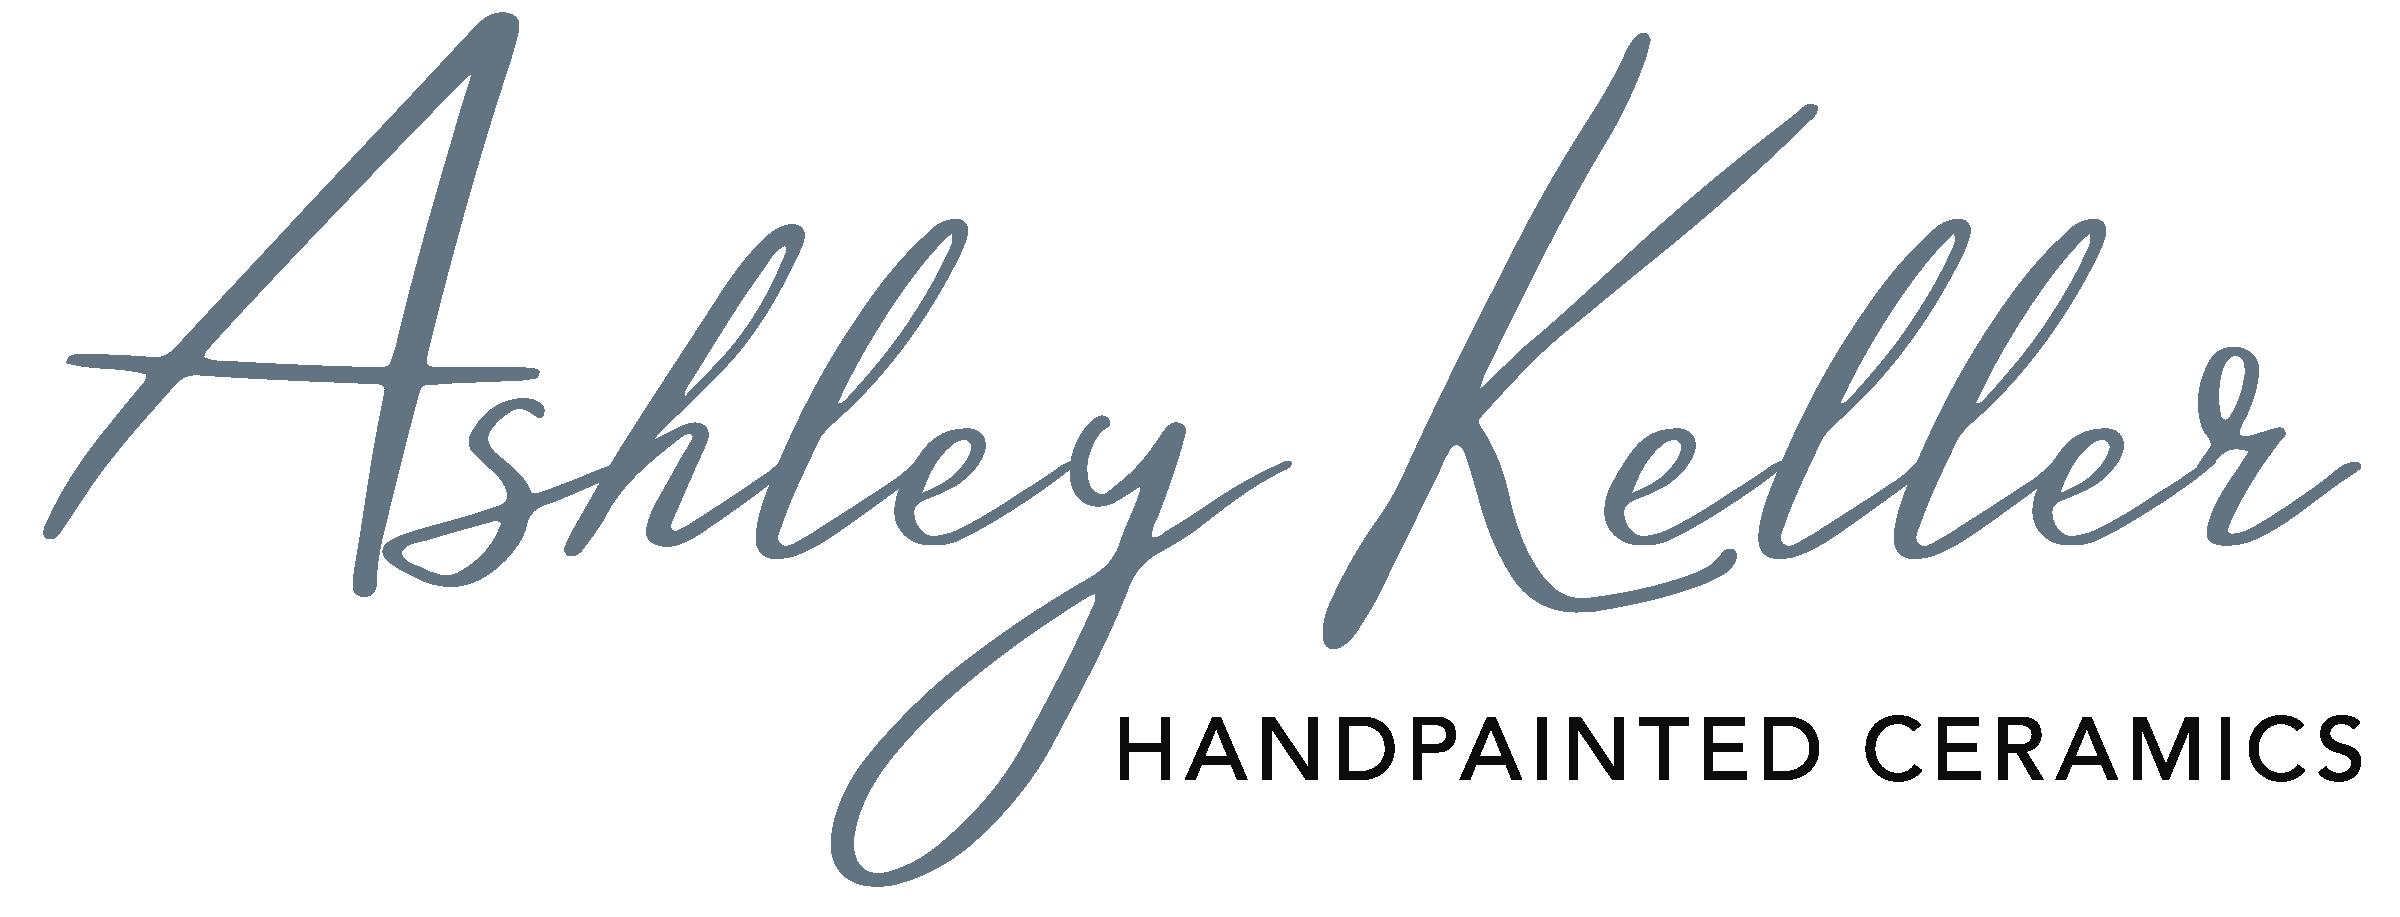 Ashley Keller